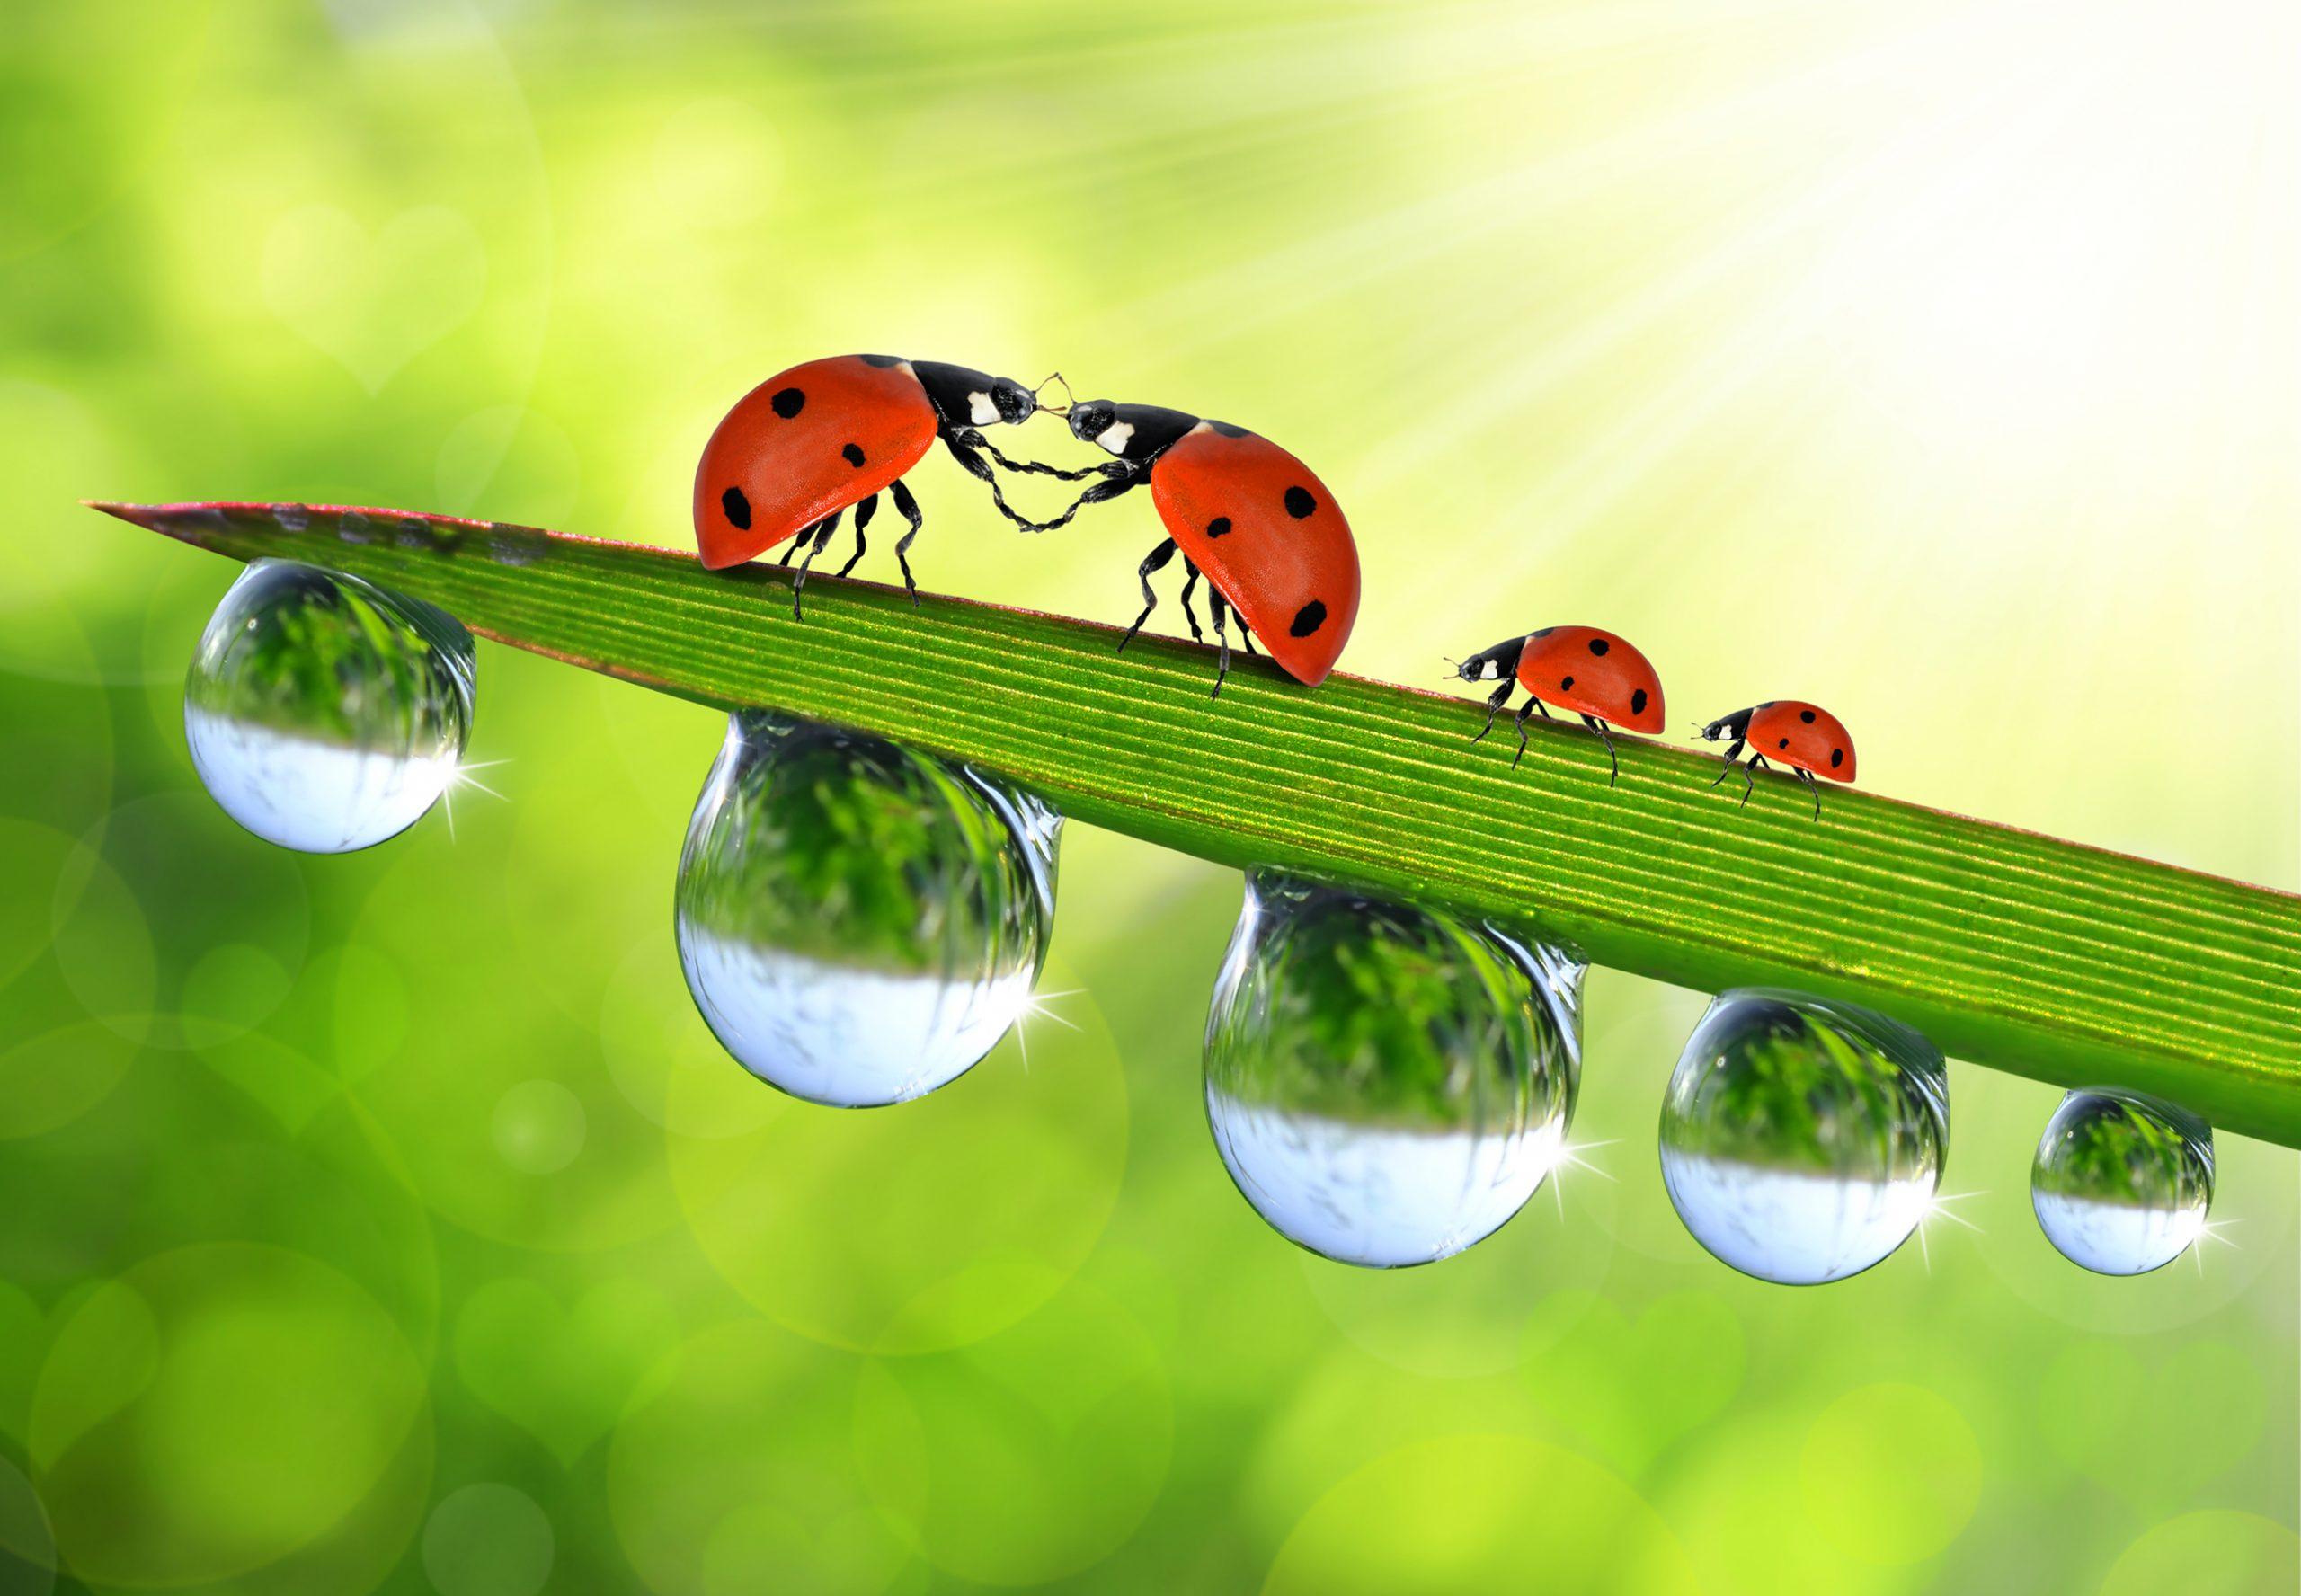 Bliv miljøvenlig vinduepsudser